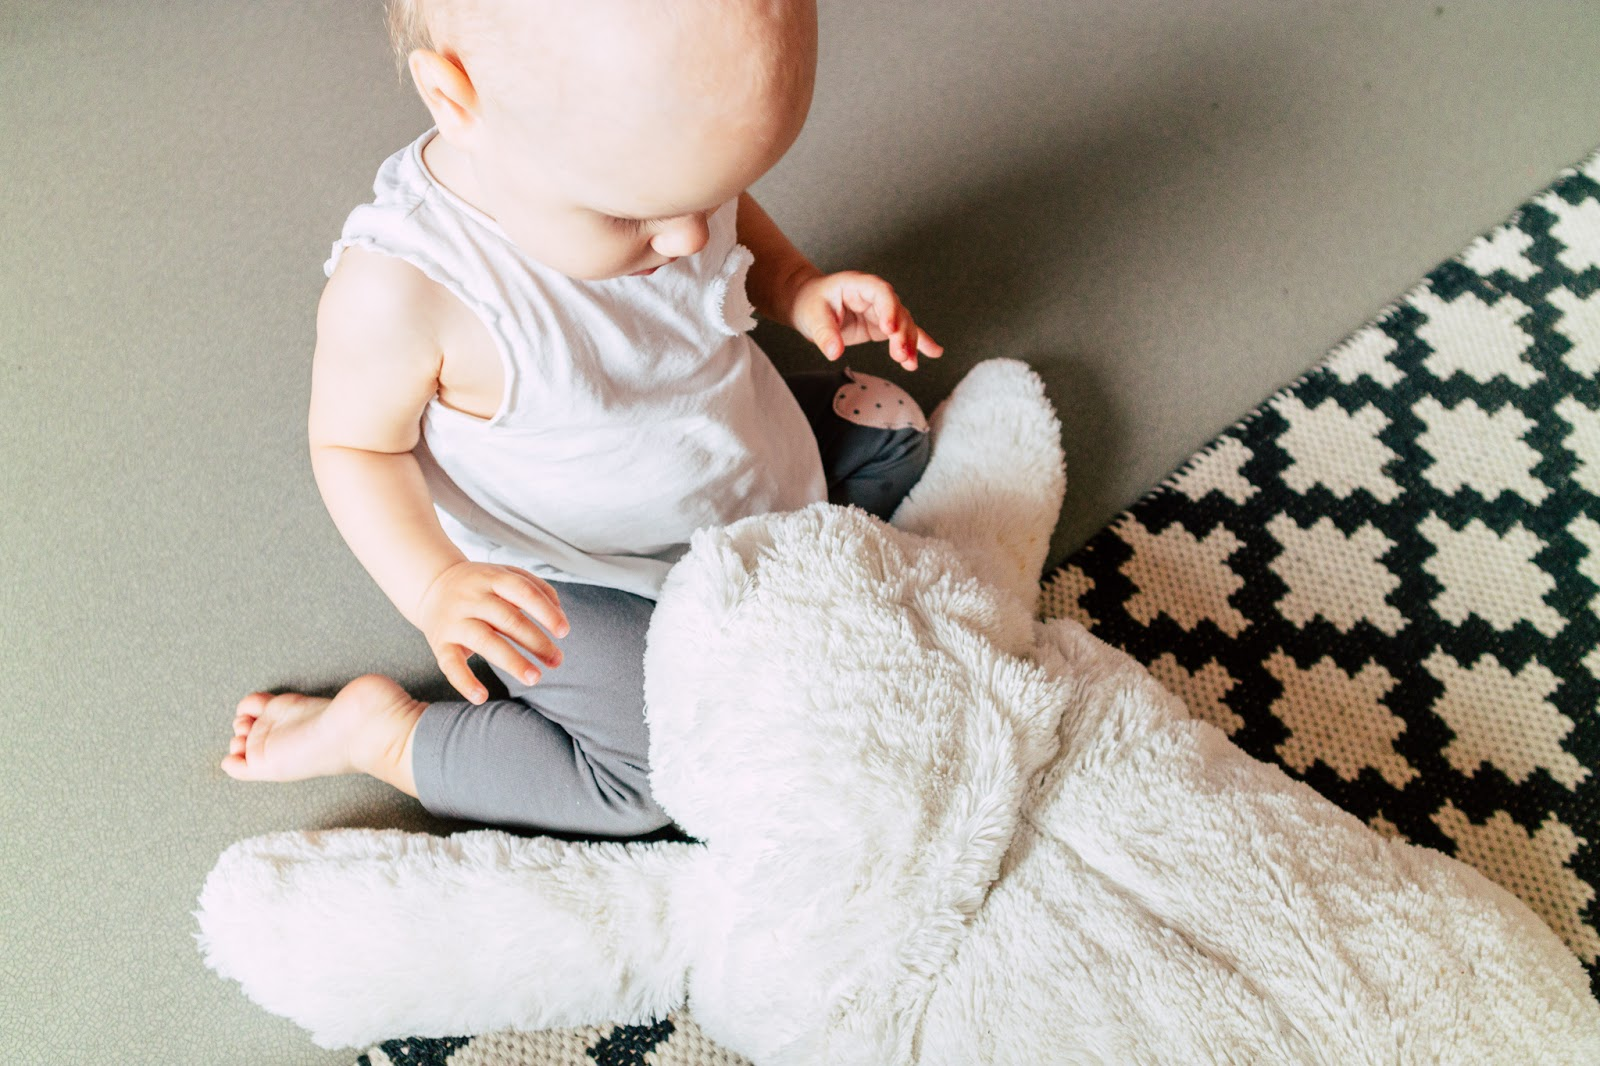 vauva, vauvavuosi, kymmenen kuukautta, kymmenkuinen,